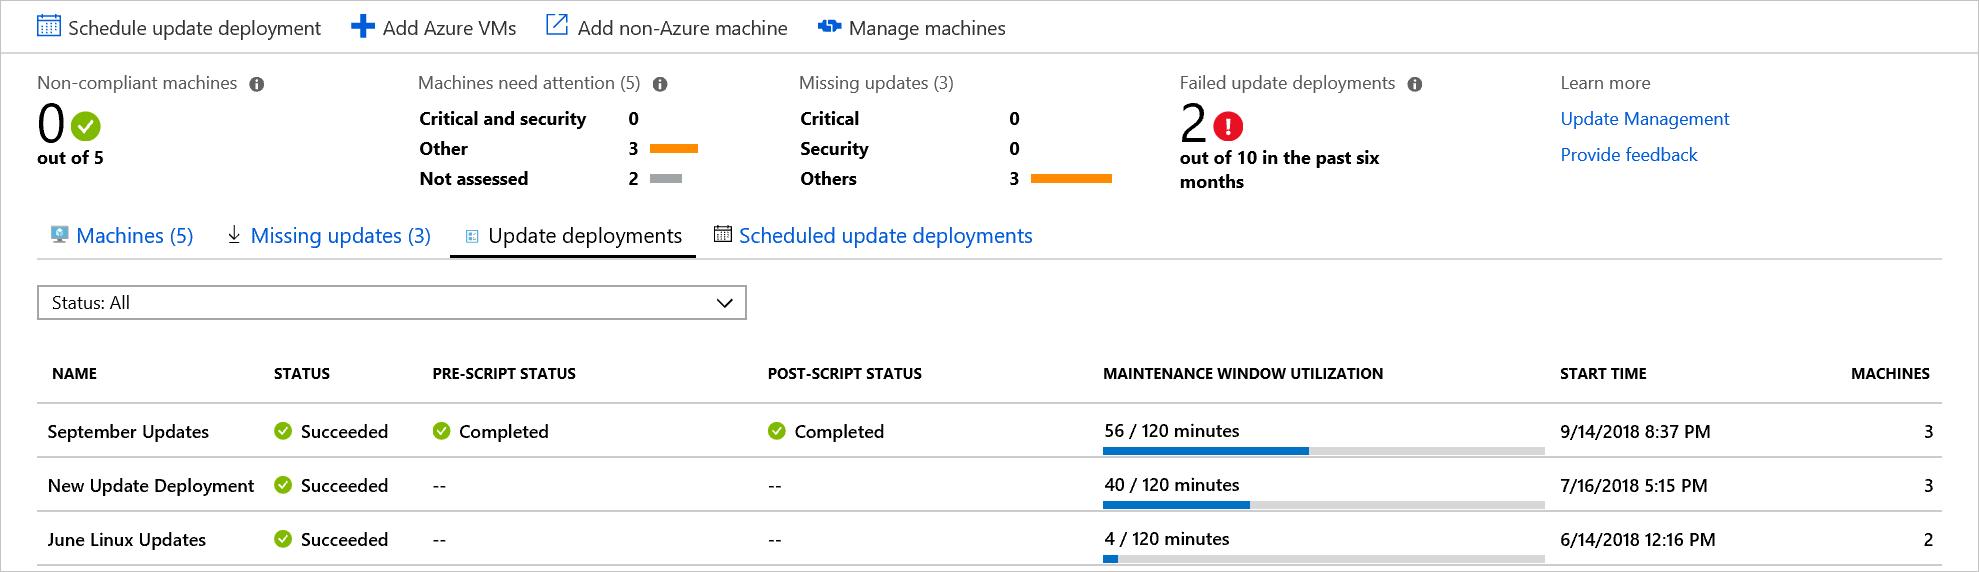 管理多部 Azure 虛擬機器的更新 | Microsoft Docs